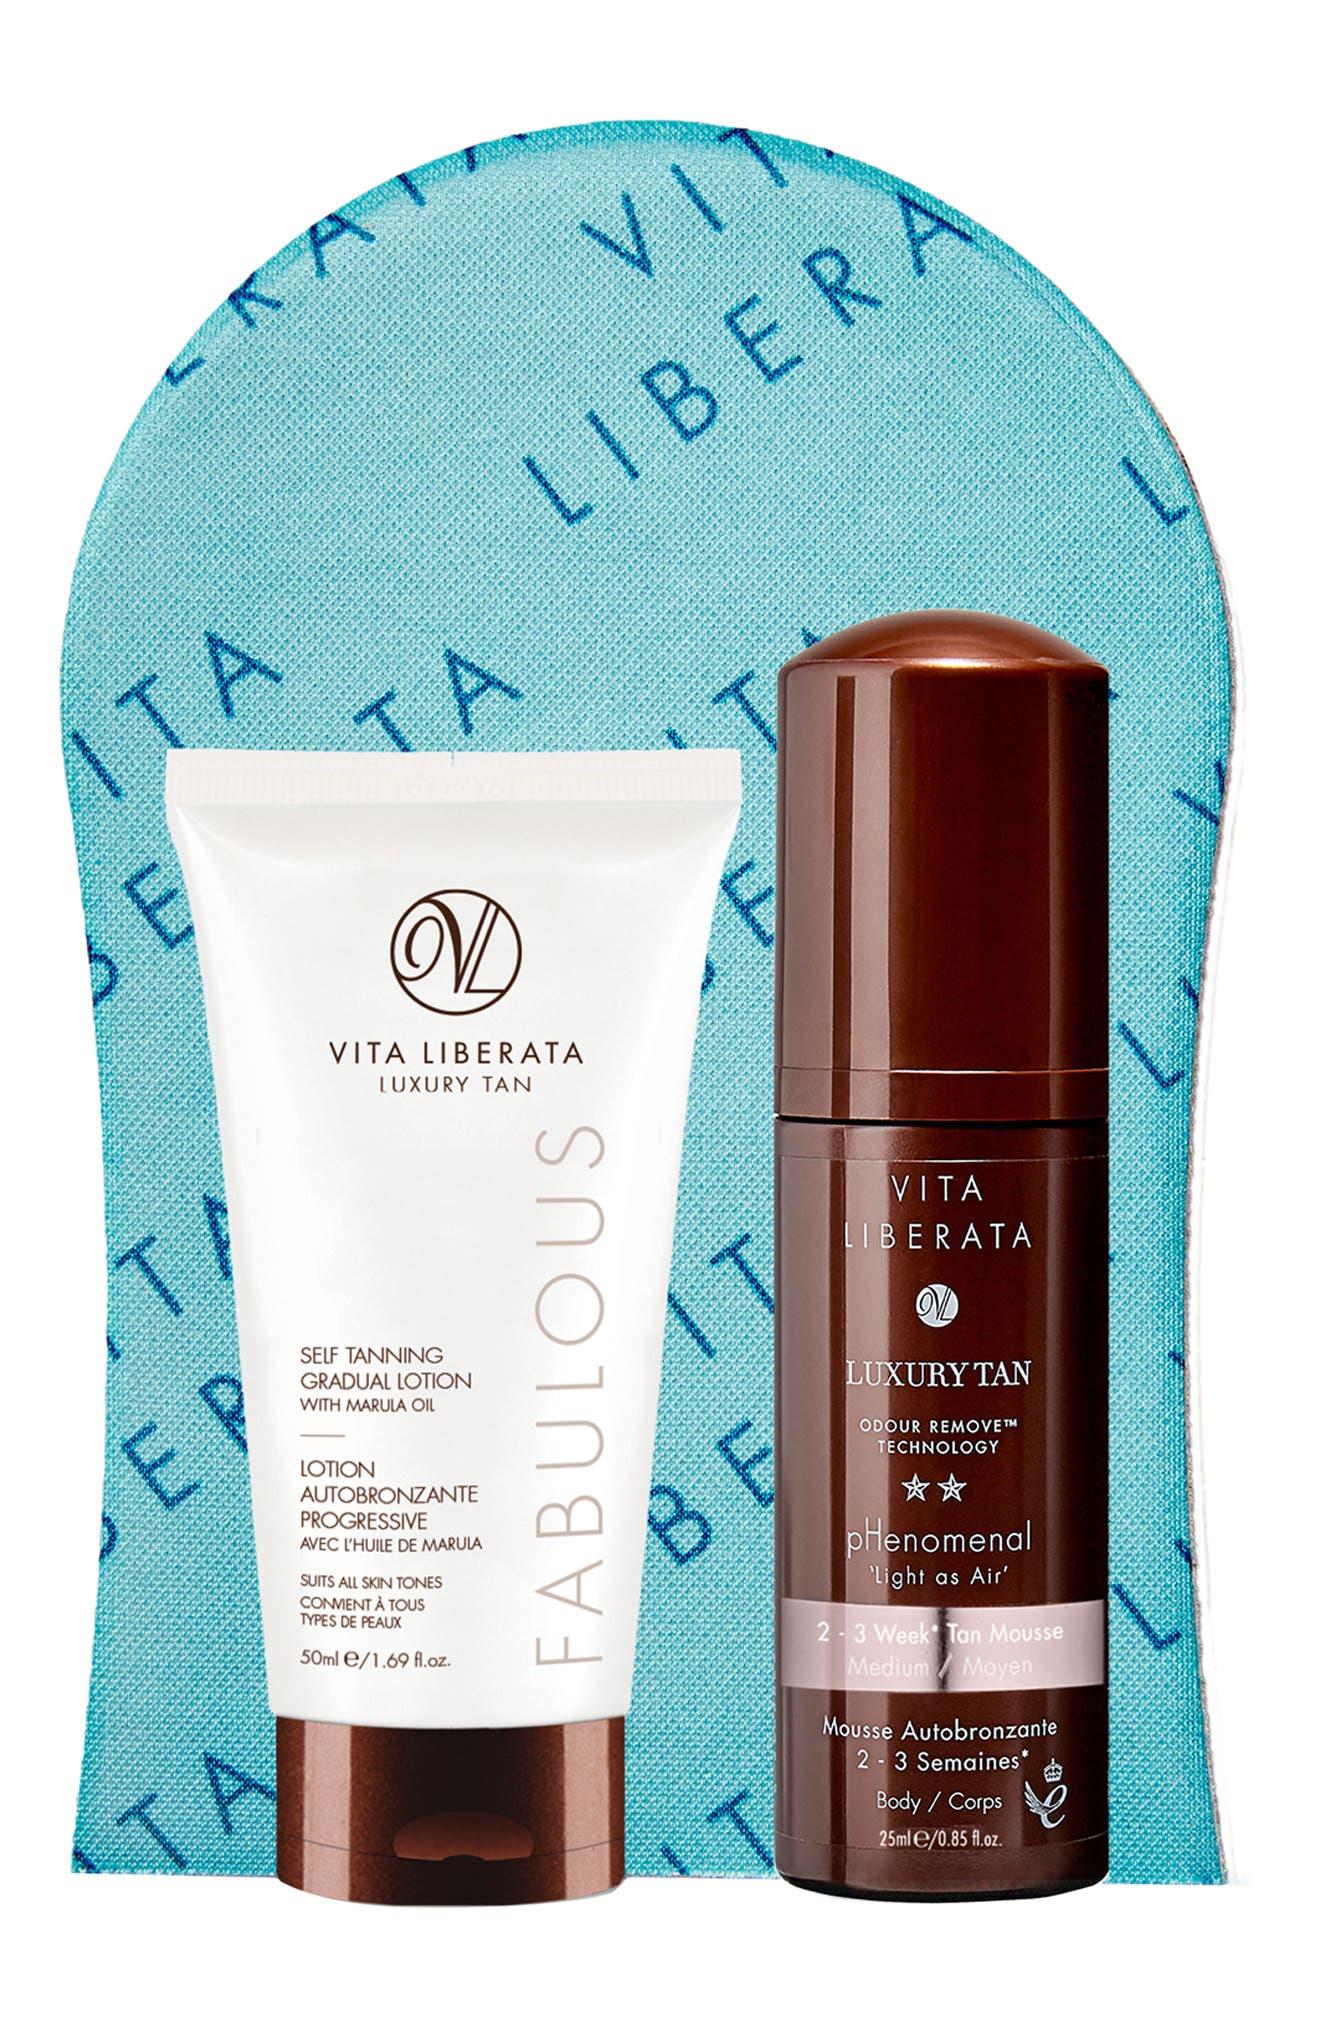 VITA LIBERATA Bronzed Basics Kit ($33.50 Value)